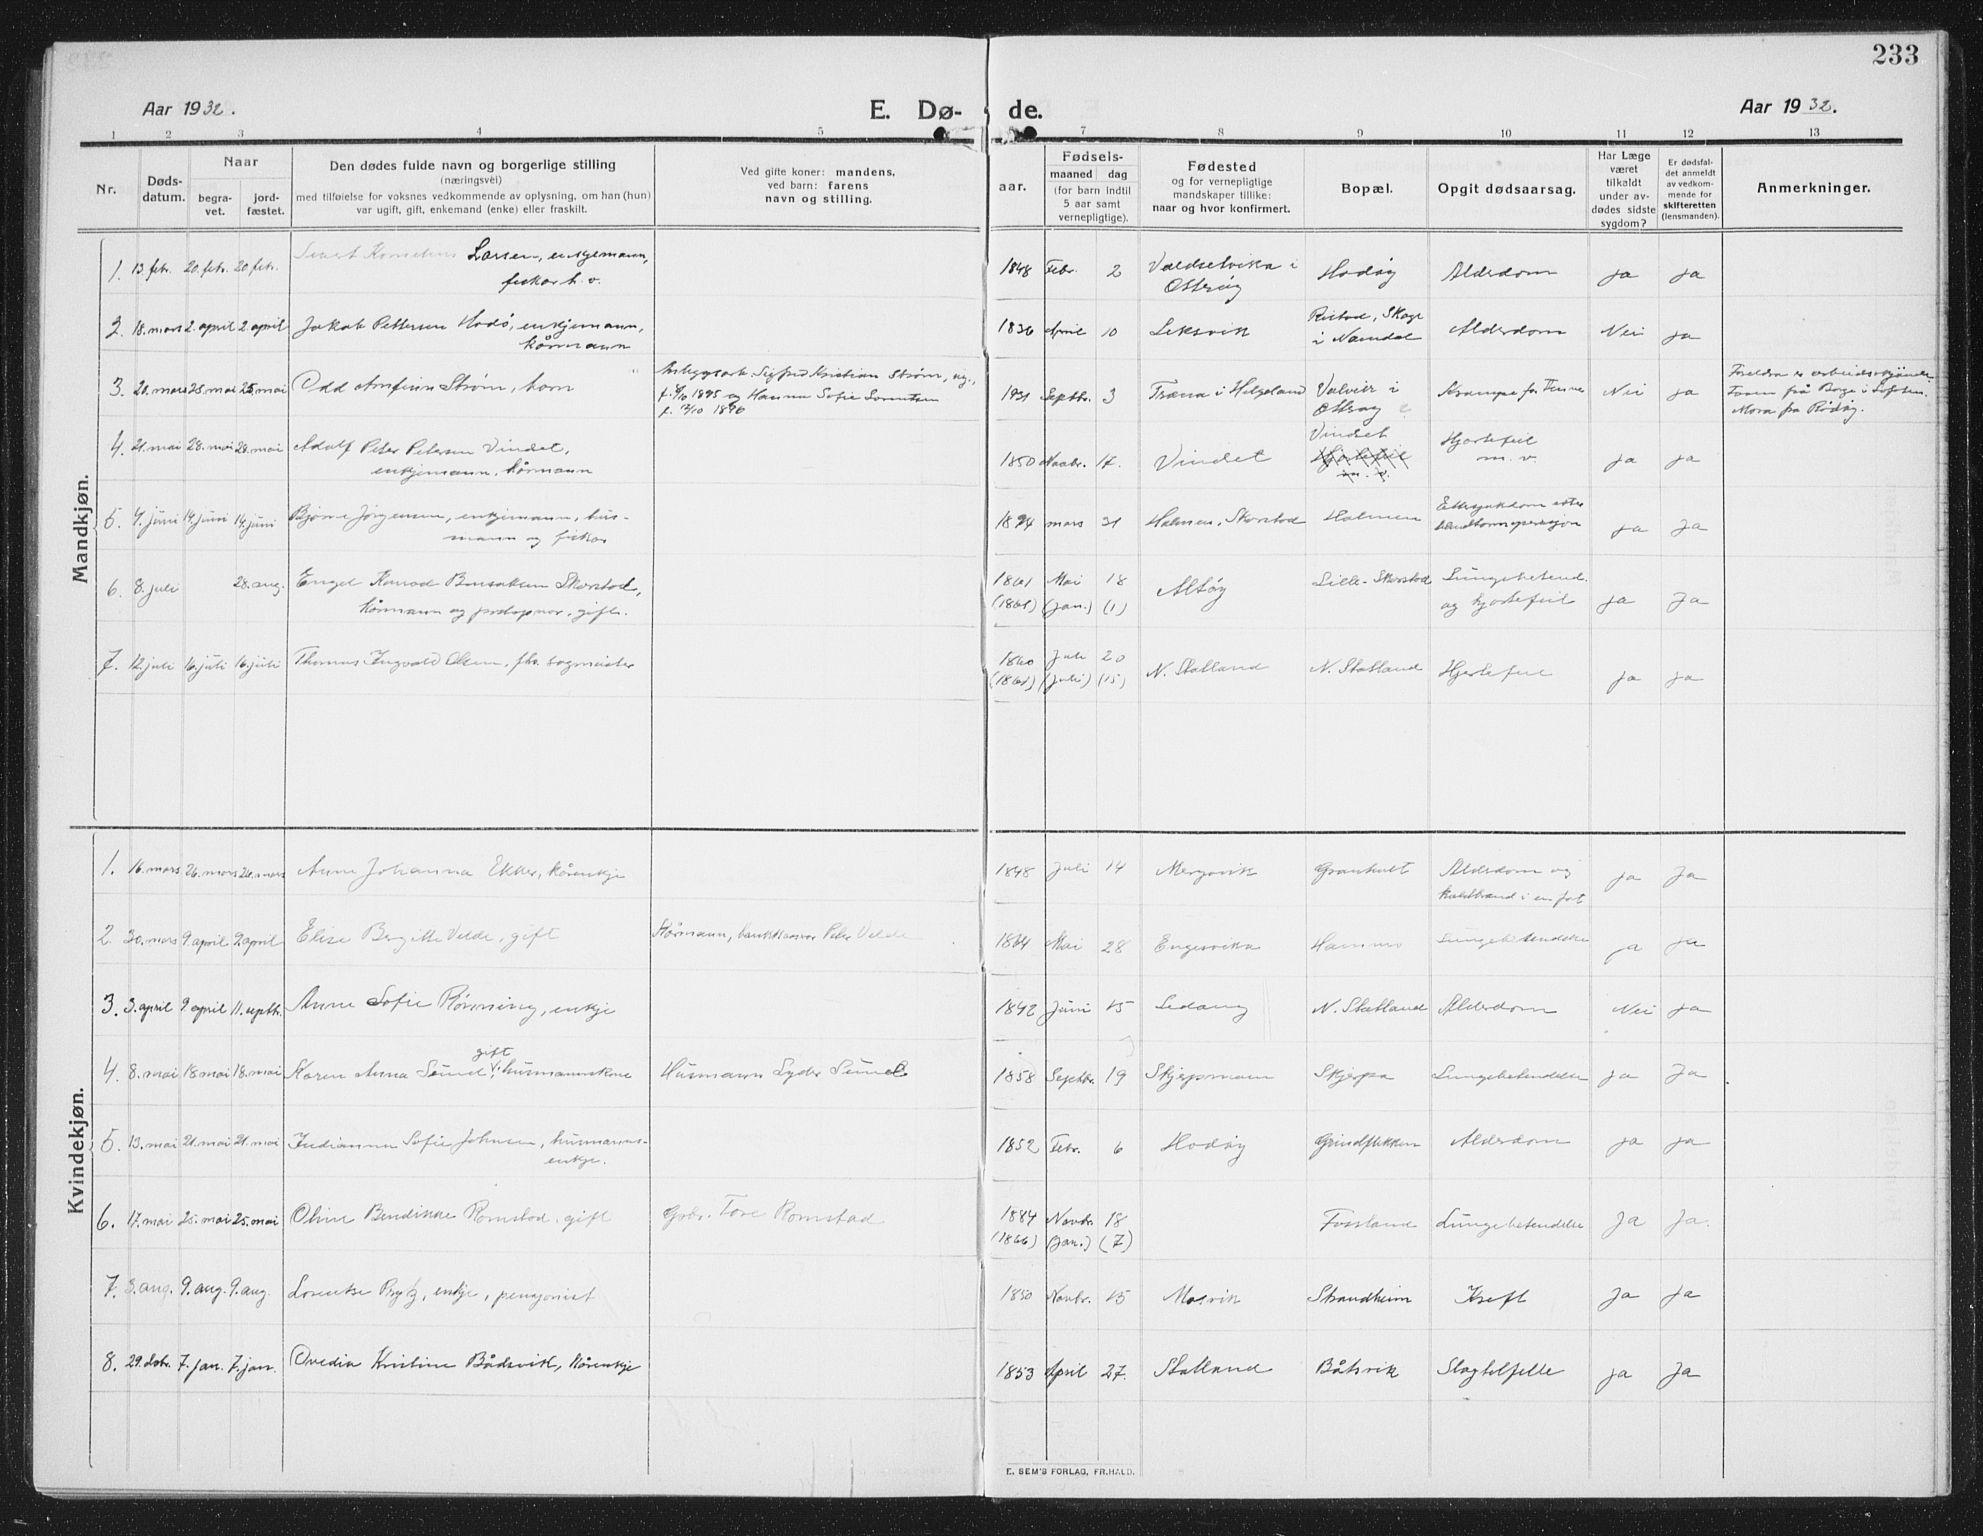 SAT, Ministerialprotokoller, klokkerbøker og fødselsregistre - Nord-Trøndelag, 774/L0630: Klokkerbok nr. 774C01, 1910-1934, s. 233